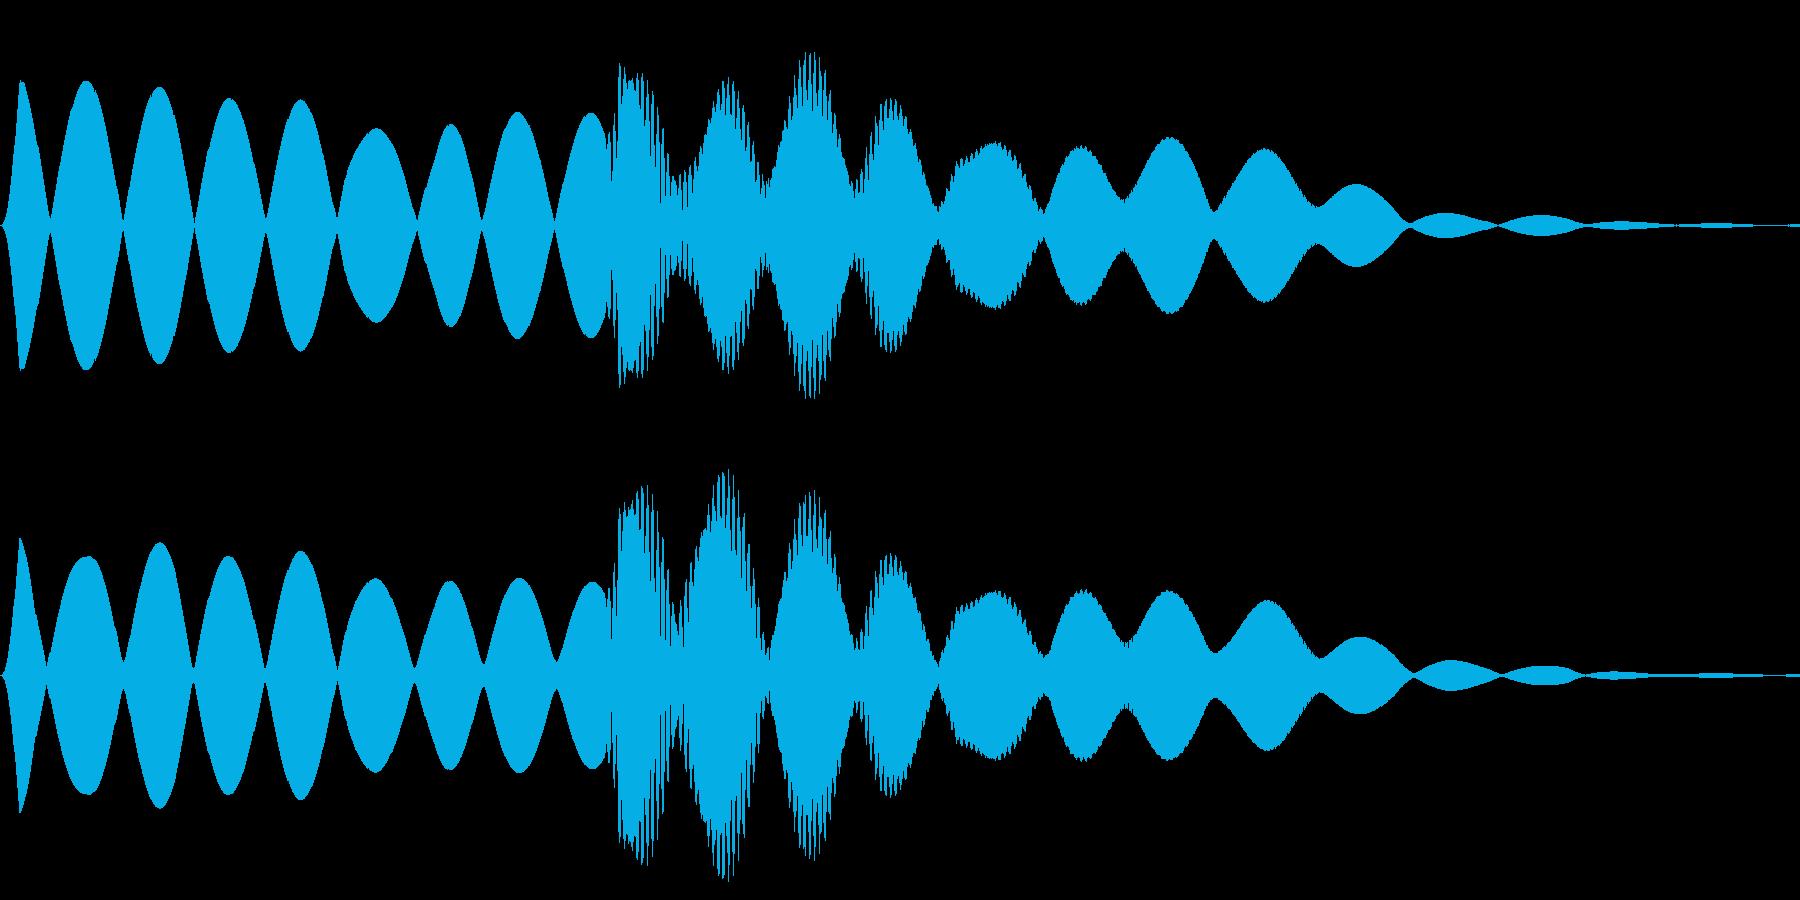 救急車のサイレンの再生済みの波形